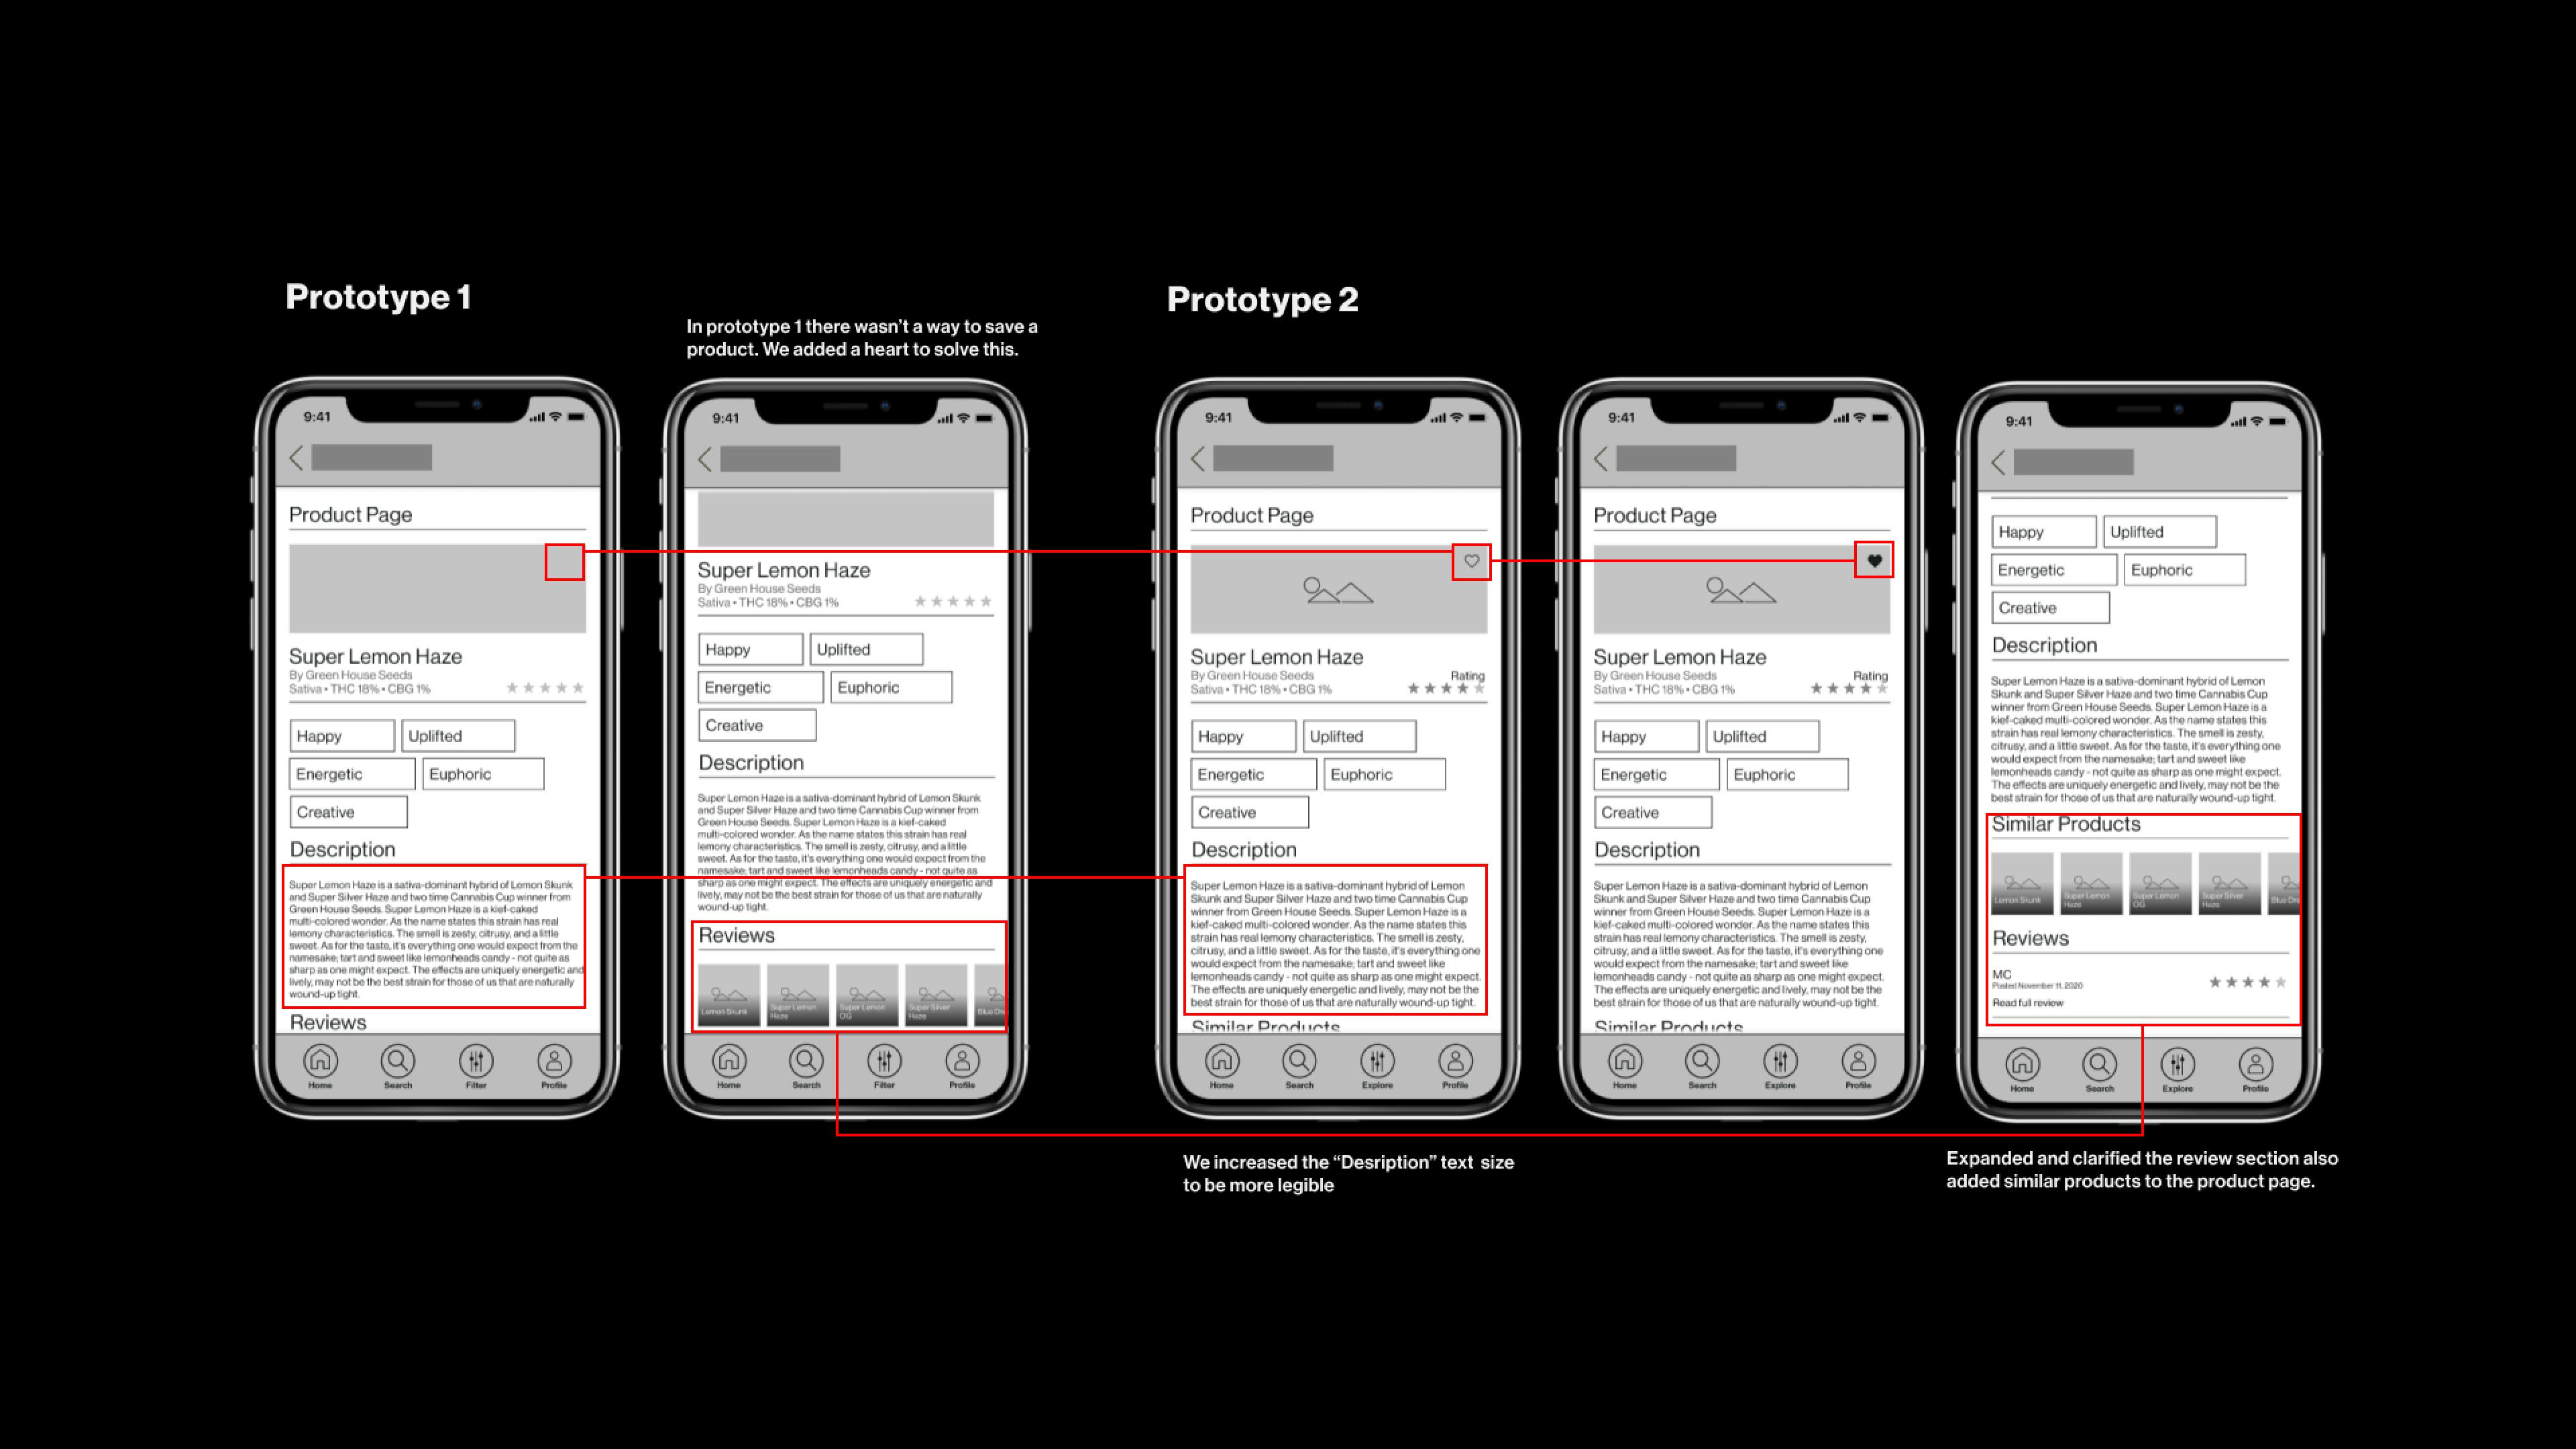 Design Iteration 3